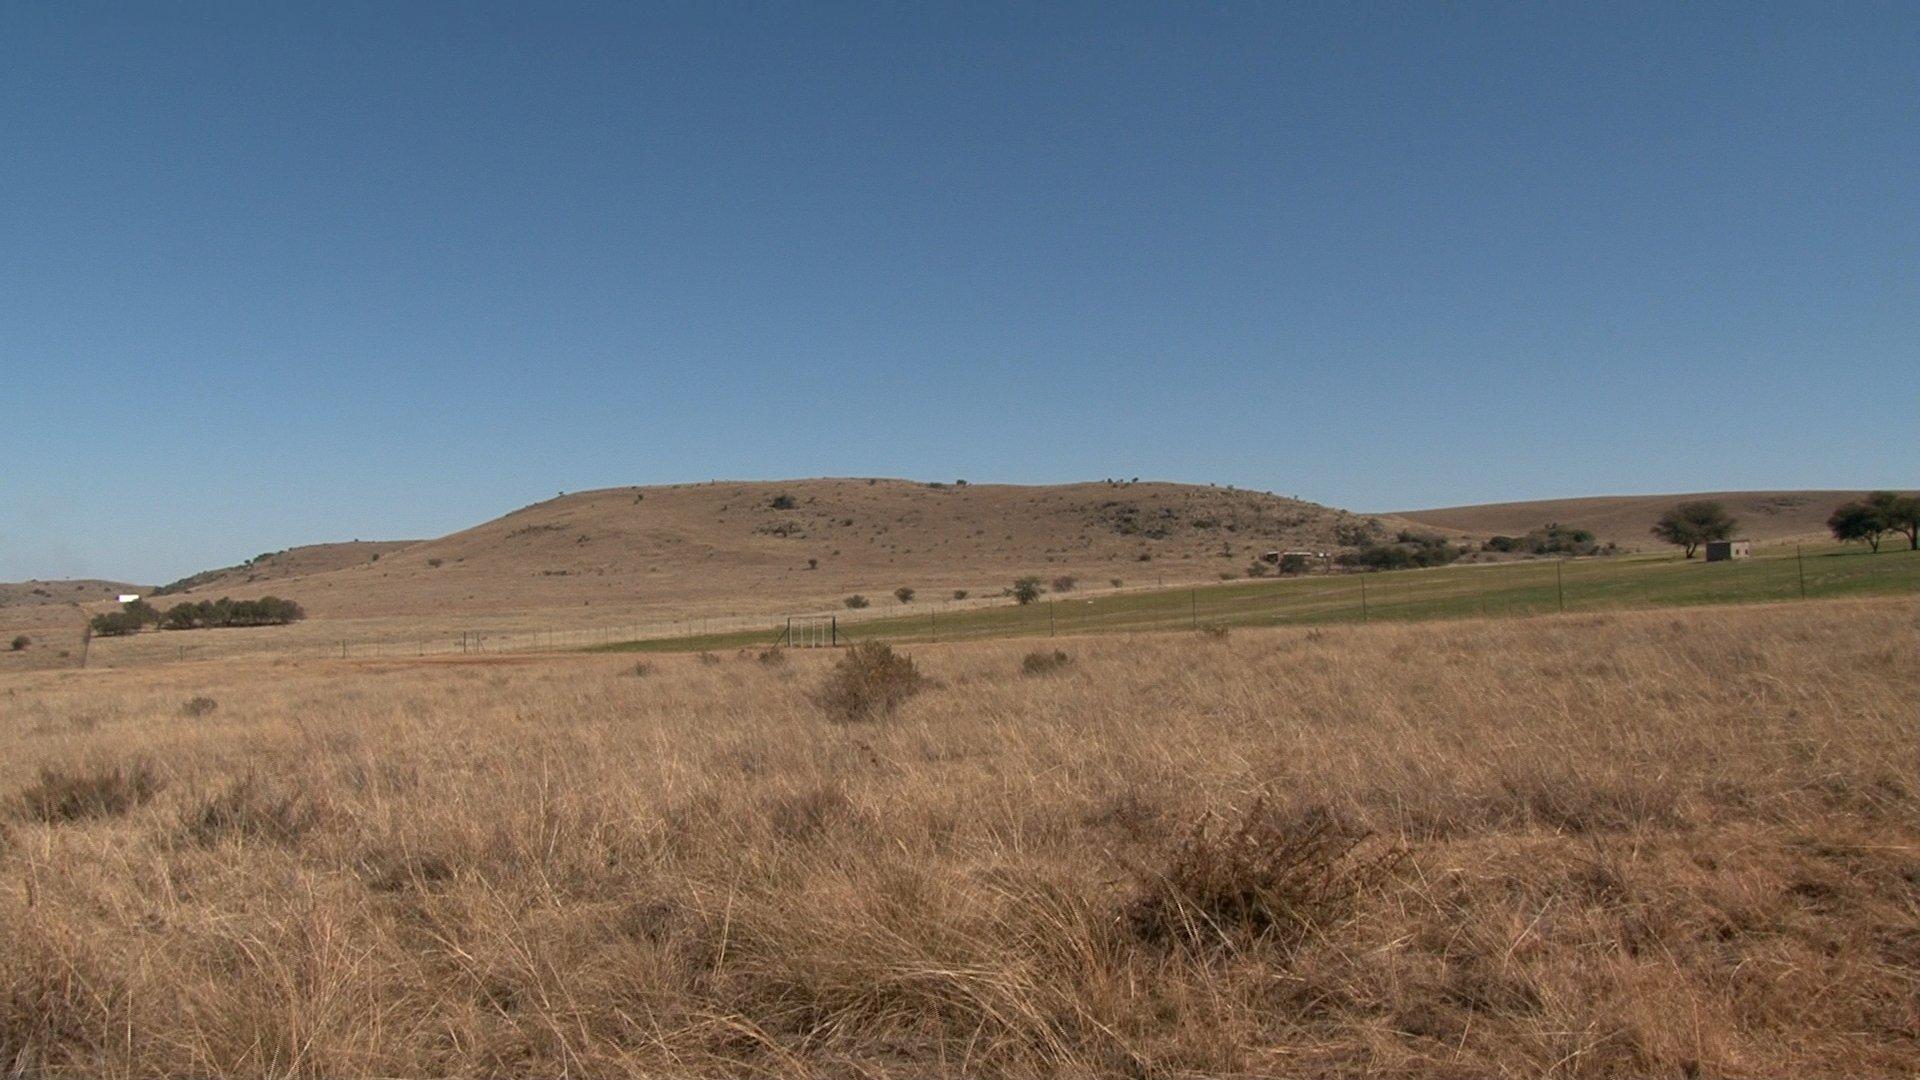 Das Foto zeigt eine trockene, braune Graslandschaft mit einzelnen Büschen und Bäumen dazwischen, im Hintergrund sanft geschwungen Hügel. Hier entdeckten Forschende in Karsthöhlen zahlreiche Relikte aus der menschlichen Verwandtschaft. Die Drimolen-Fossilienfundstätte liegt in der Nähe von Kromdraai in Südafrika.